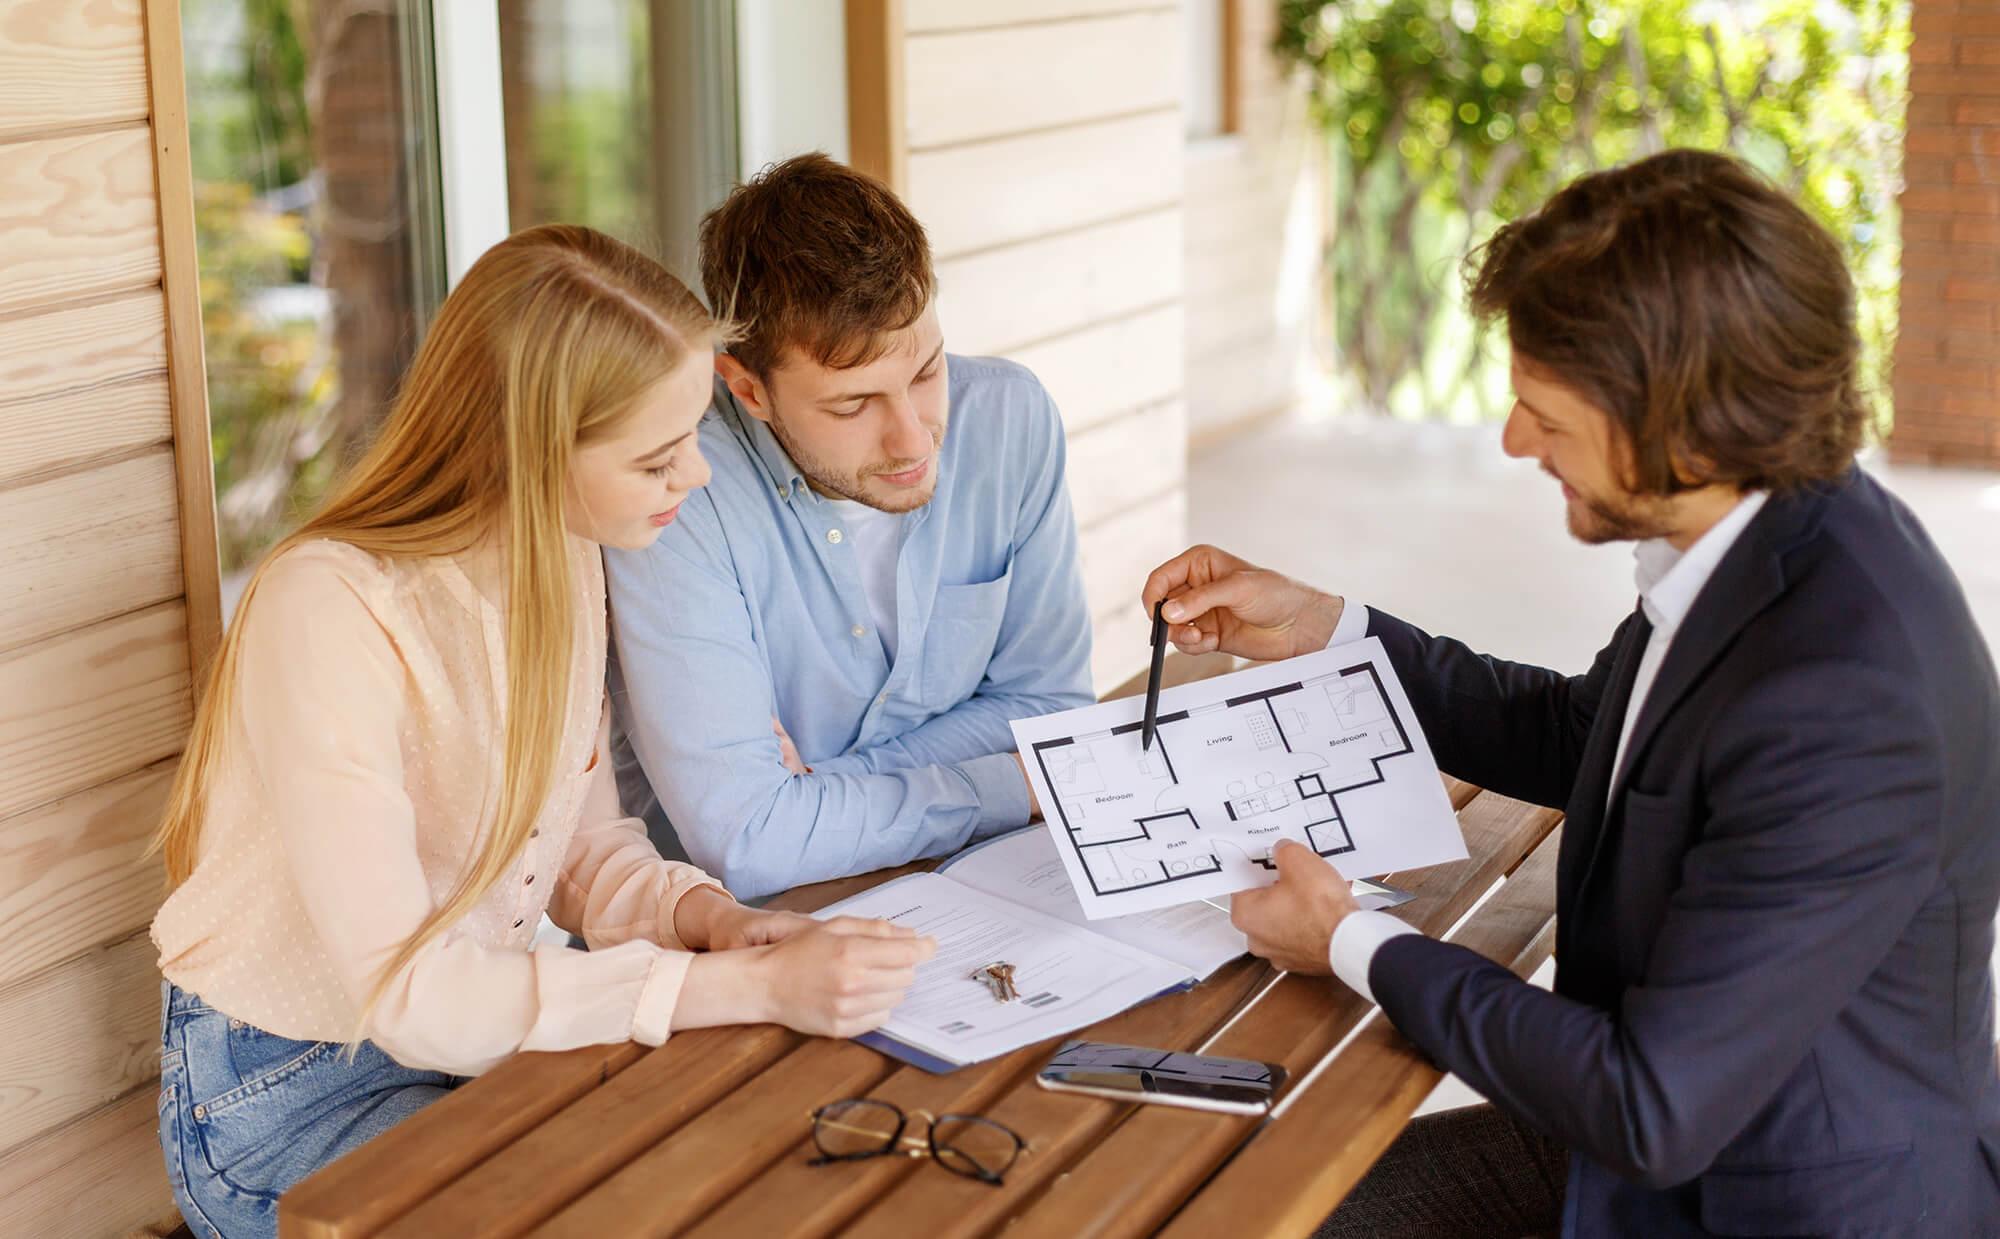 Immobilienmakler zeigt einem Ehepaar einen Grundriss